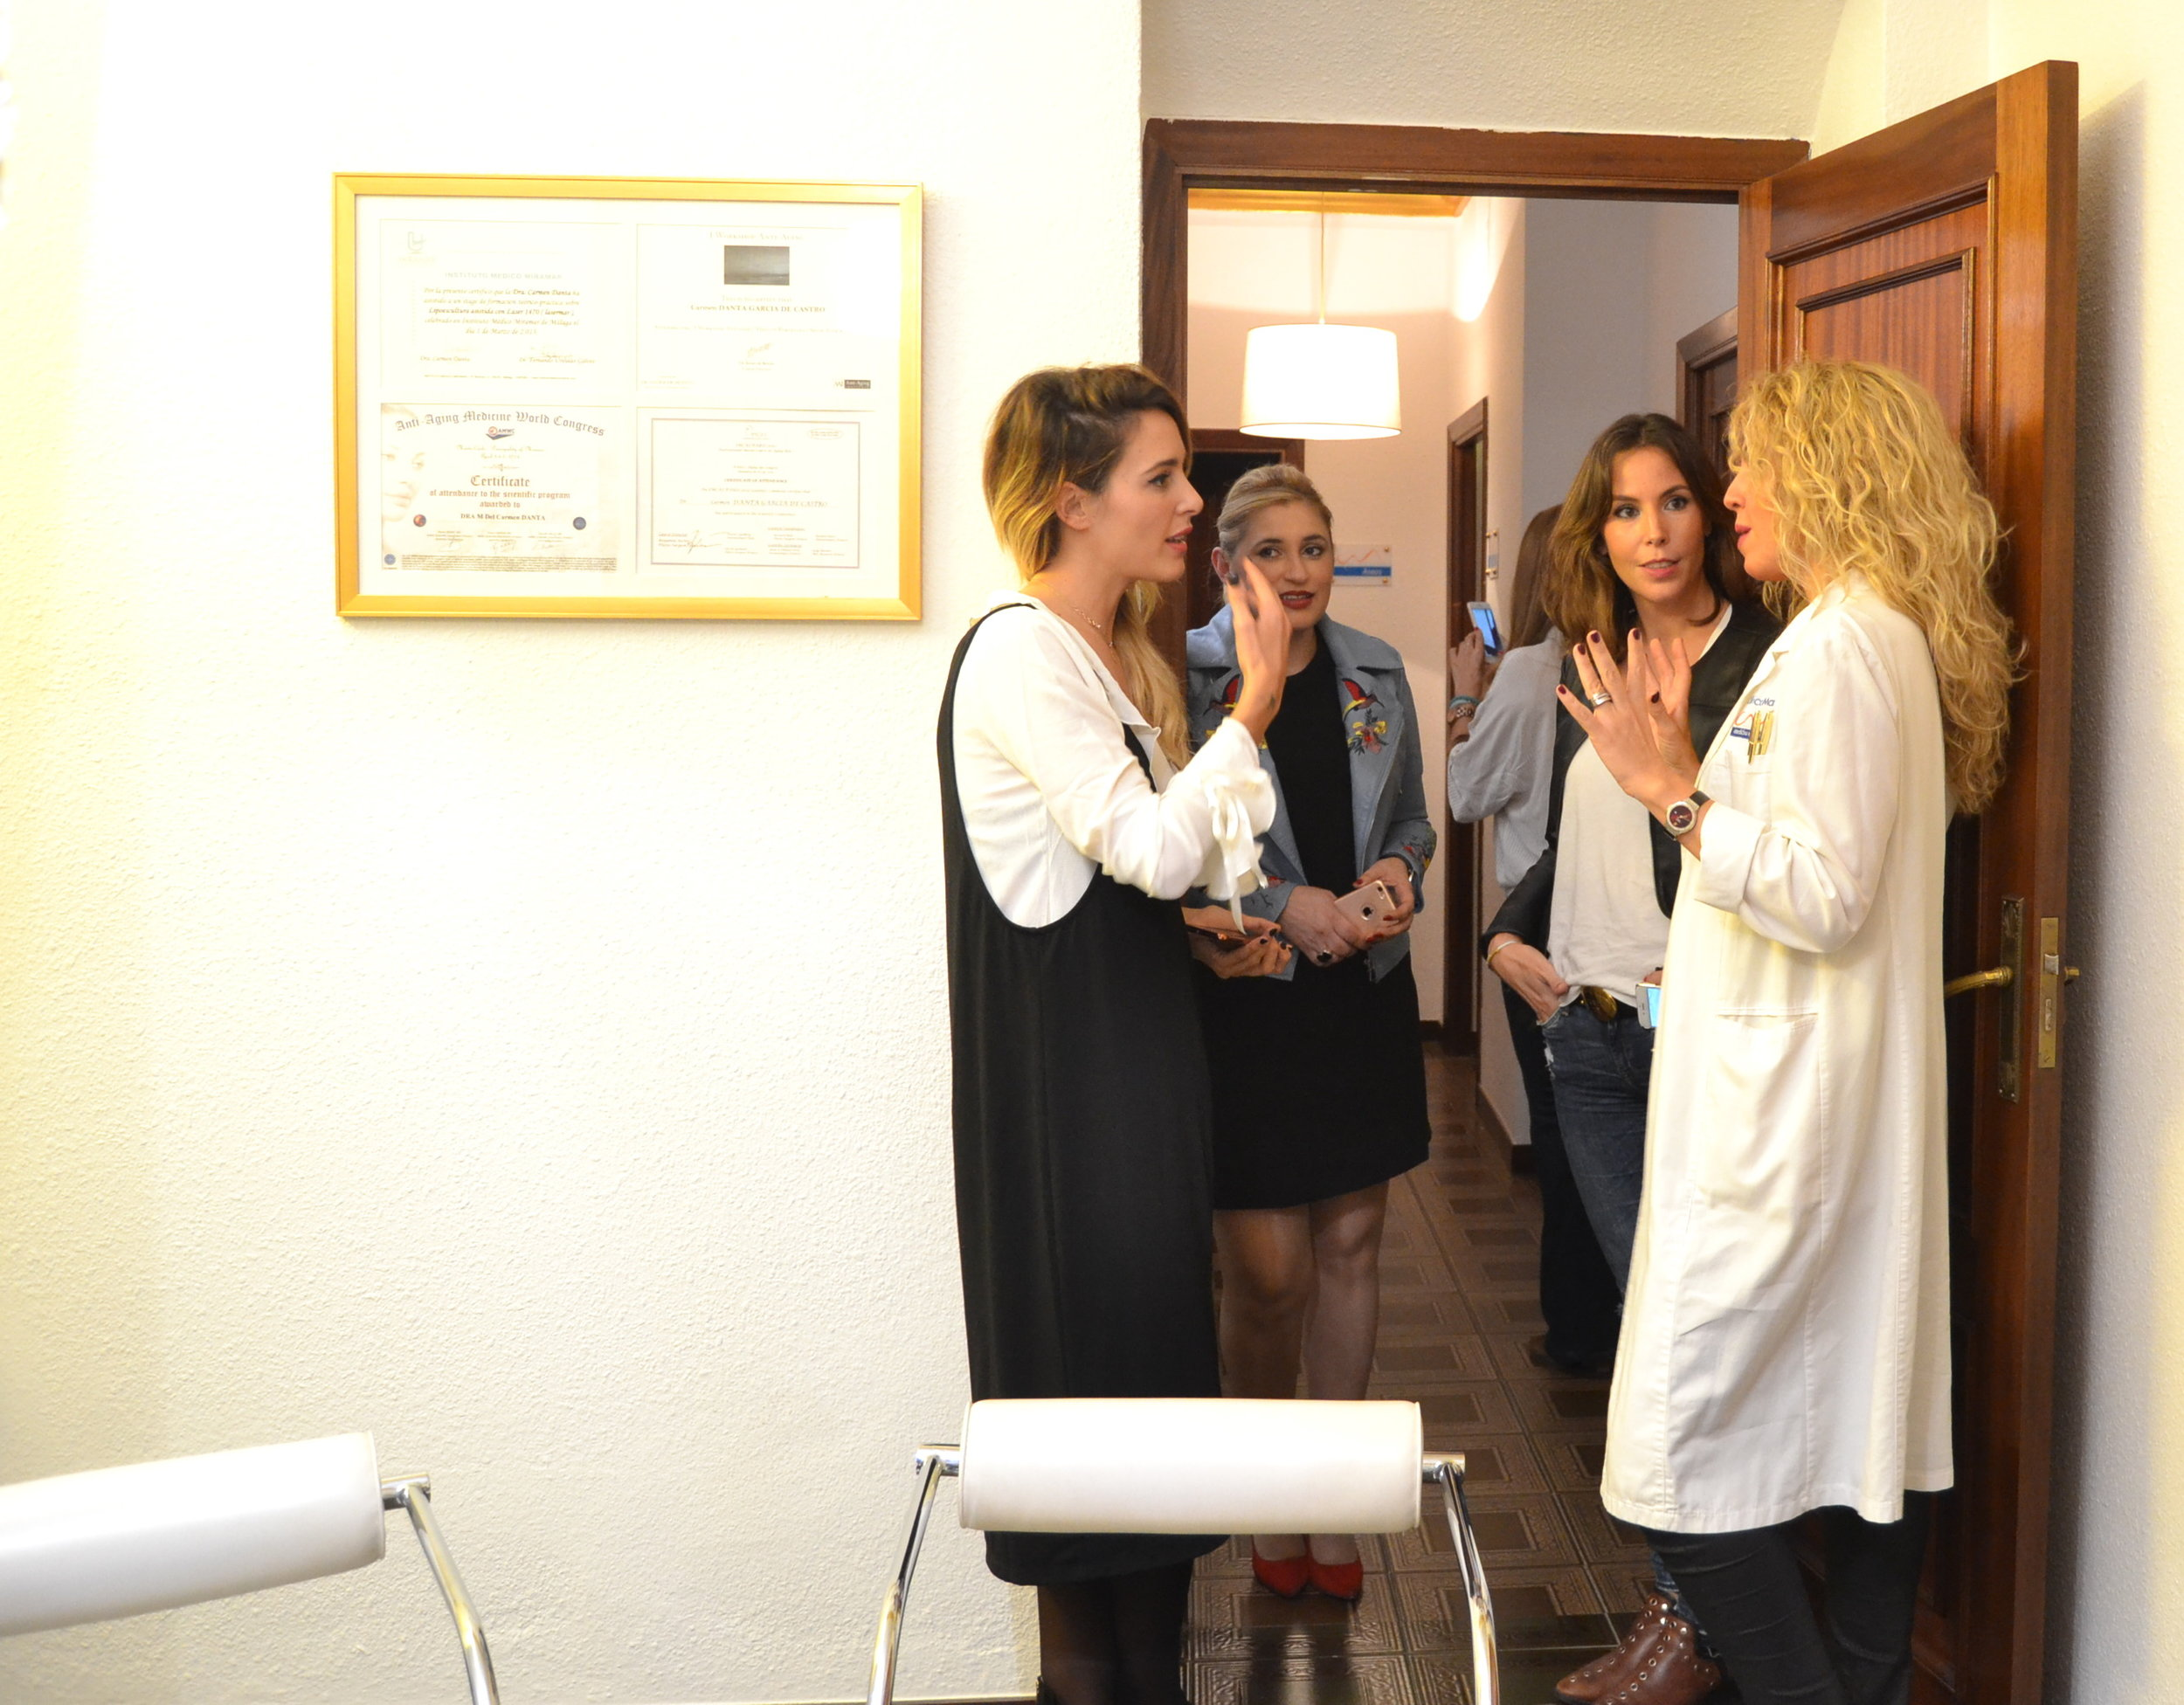 evento-clinica-marest-influencers (12).JPG